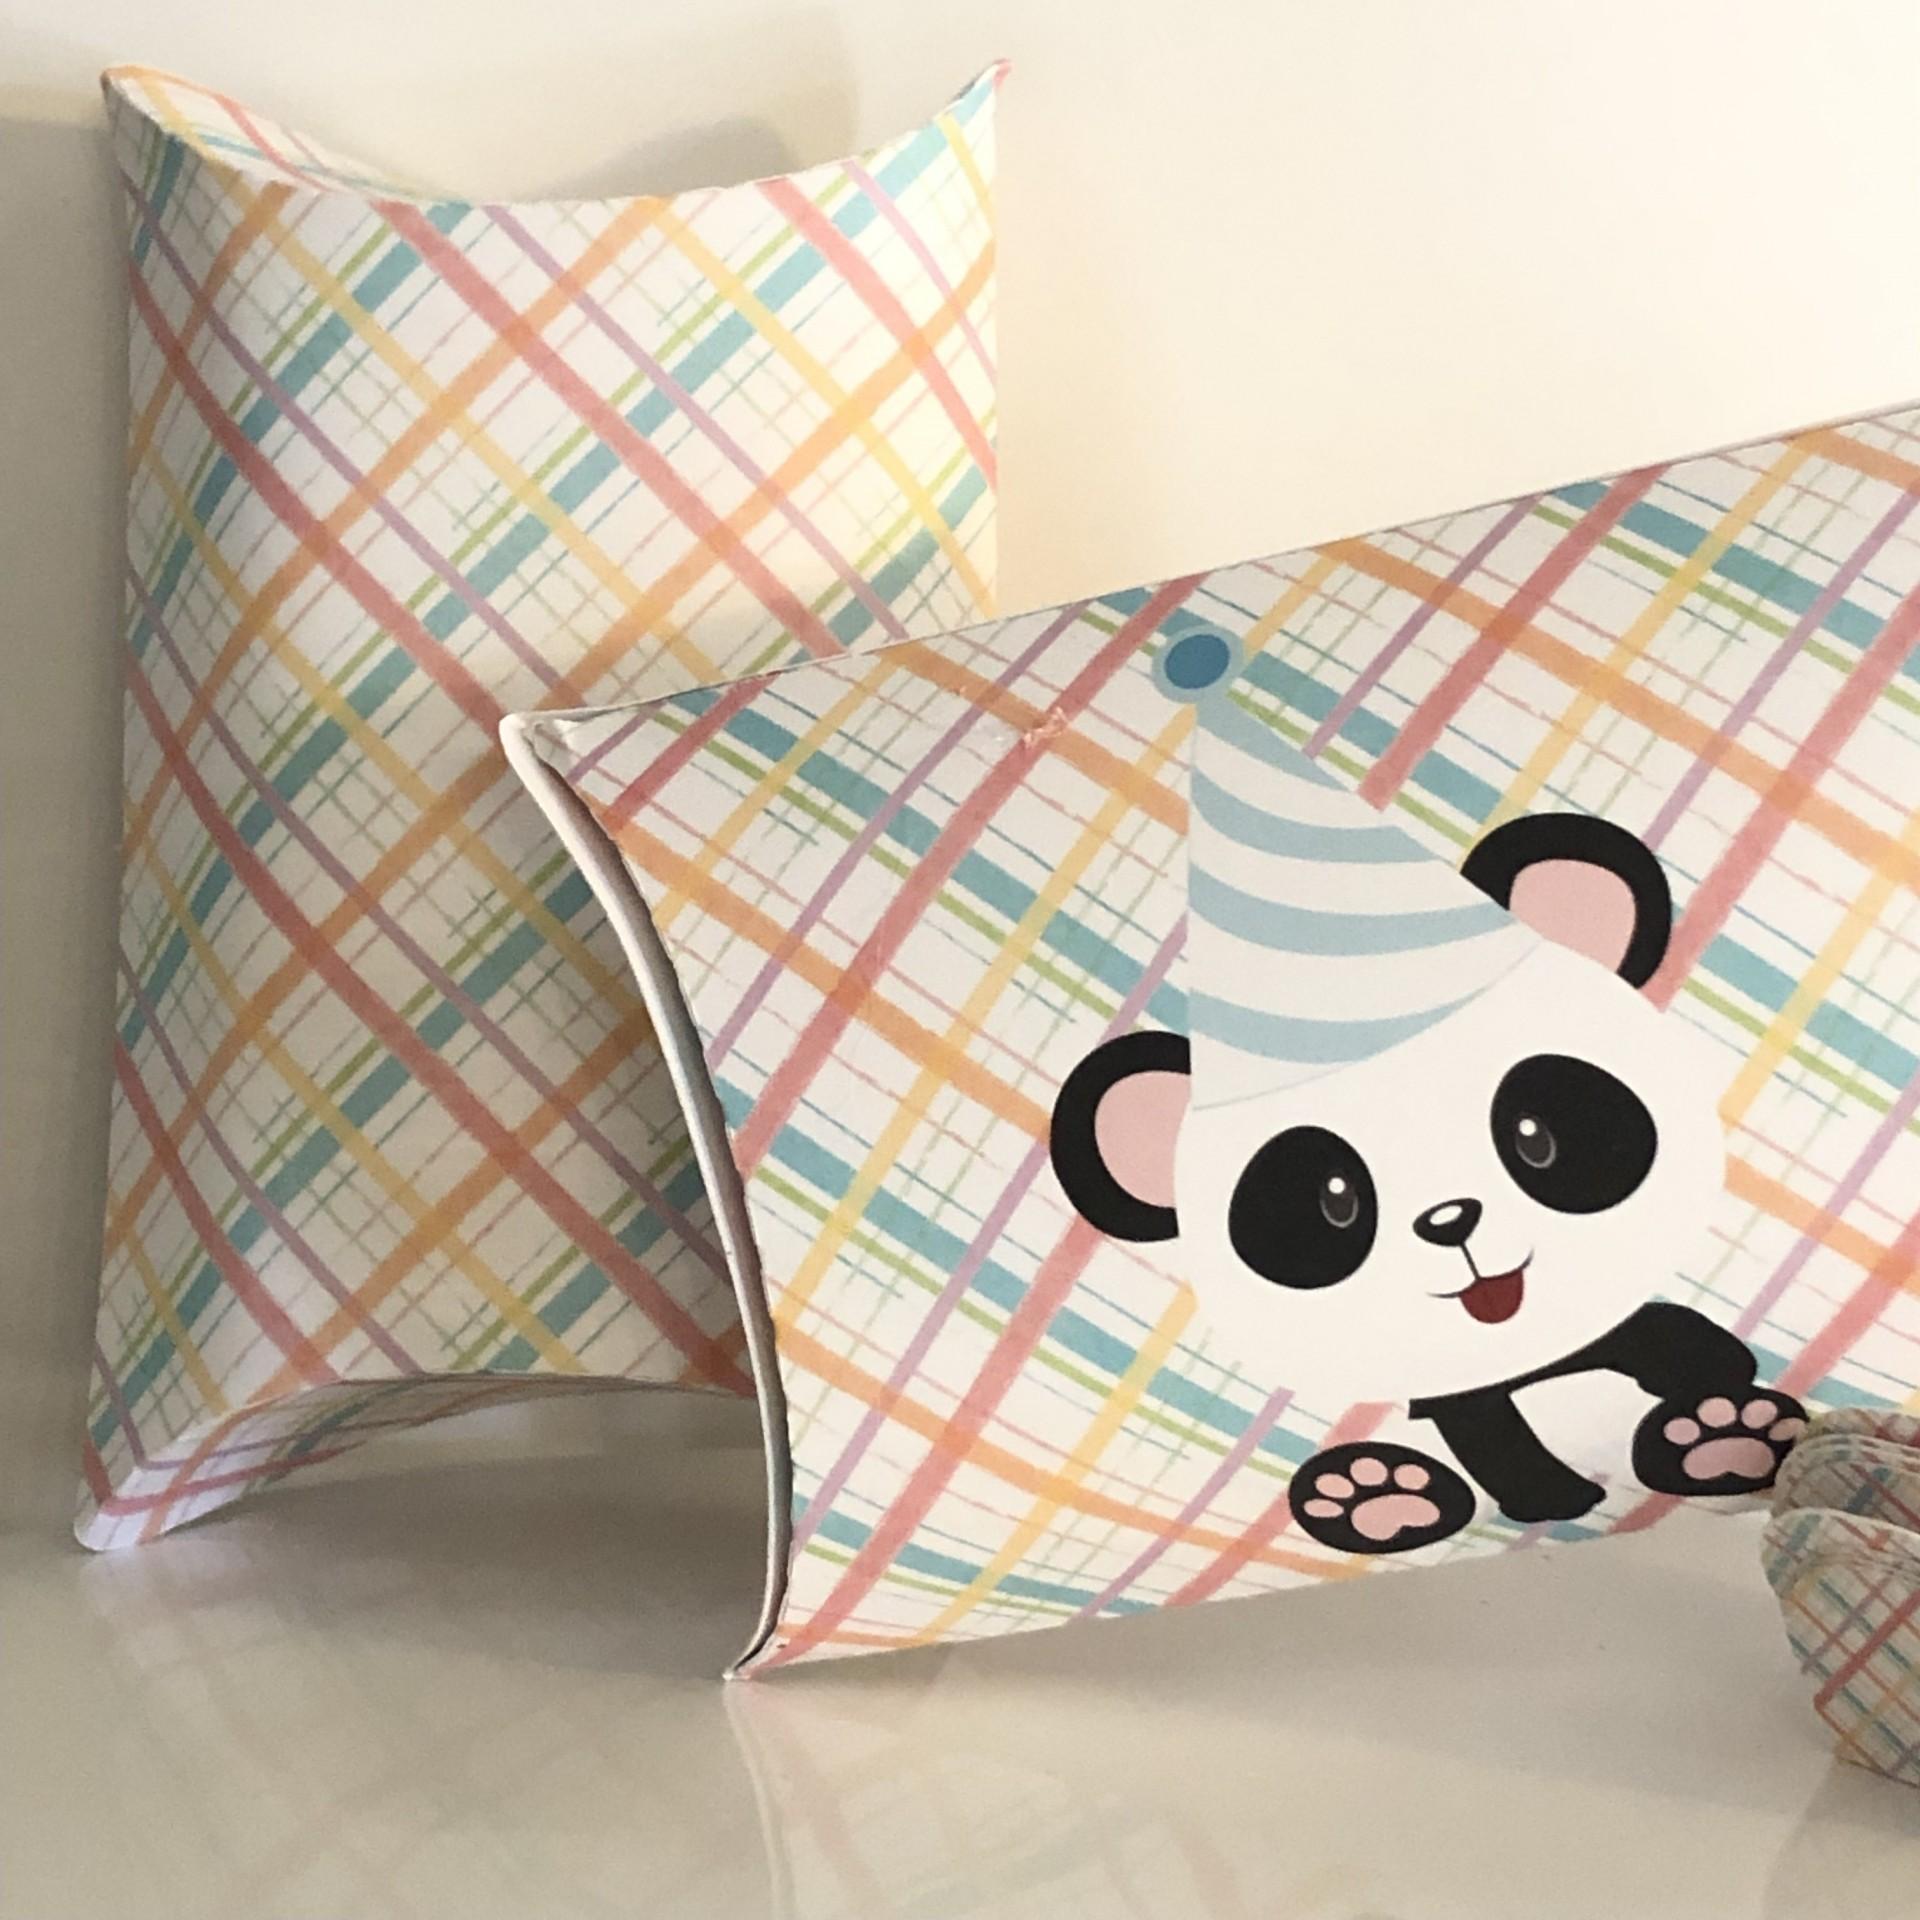 Caixa almofada Xadrez / Panda